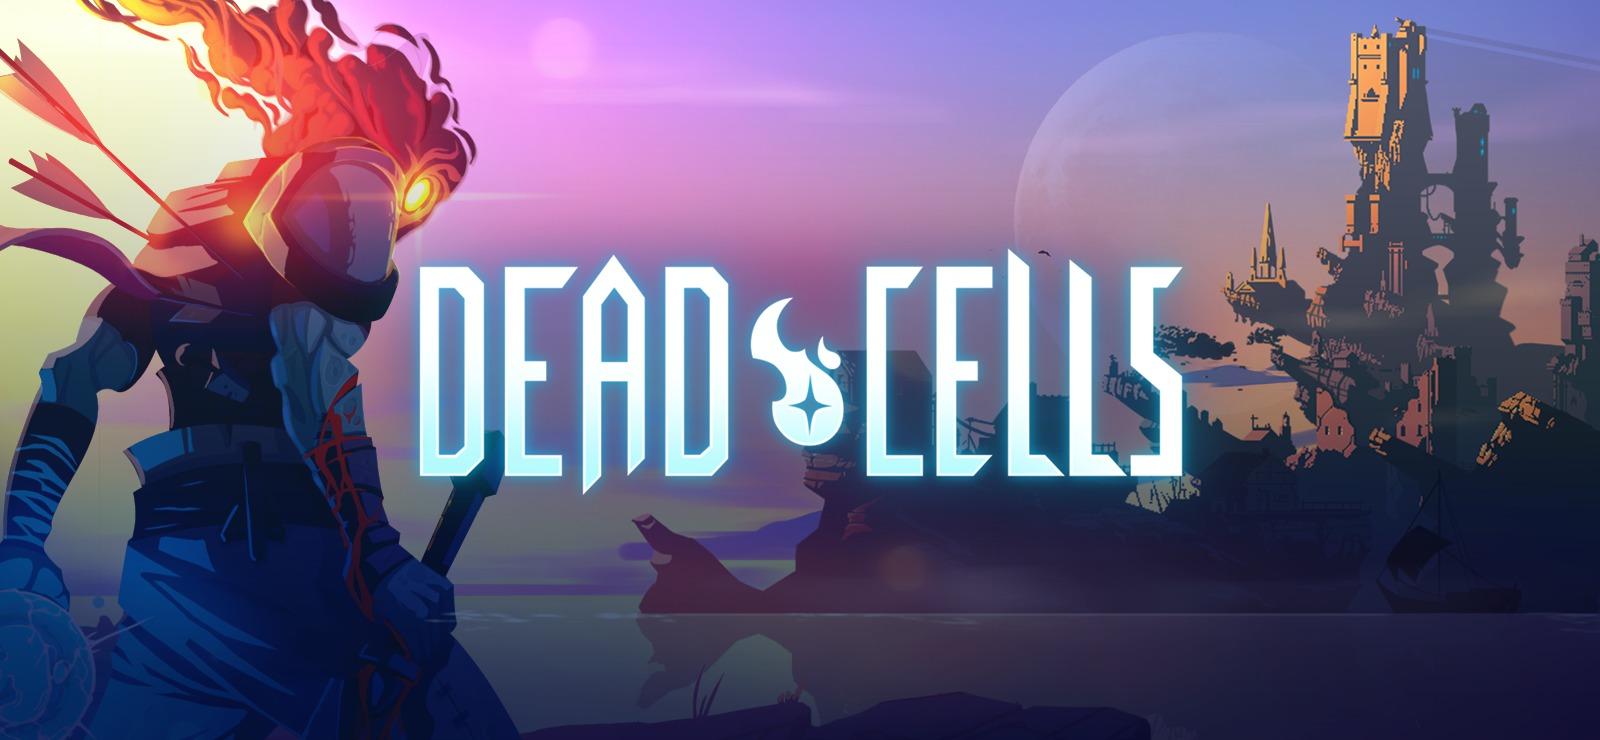 بازی Dead Cells بیش از یک میلیون نسخه به فروش رسانده است